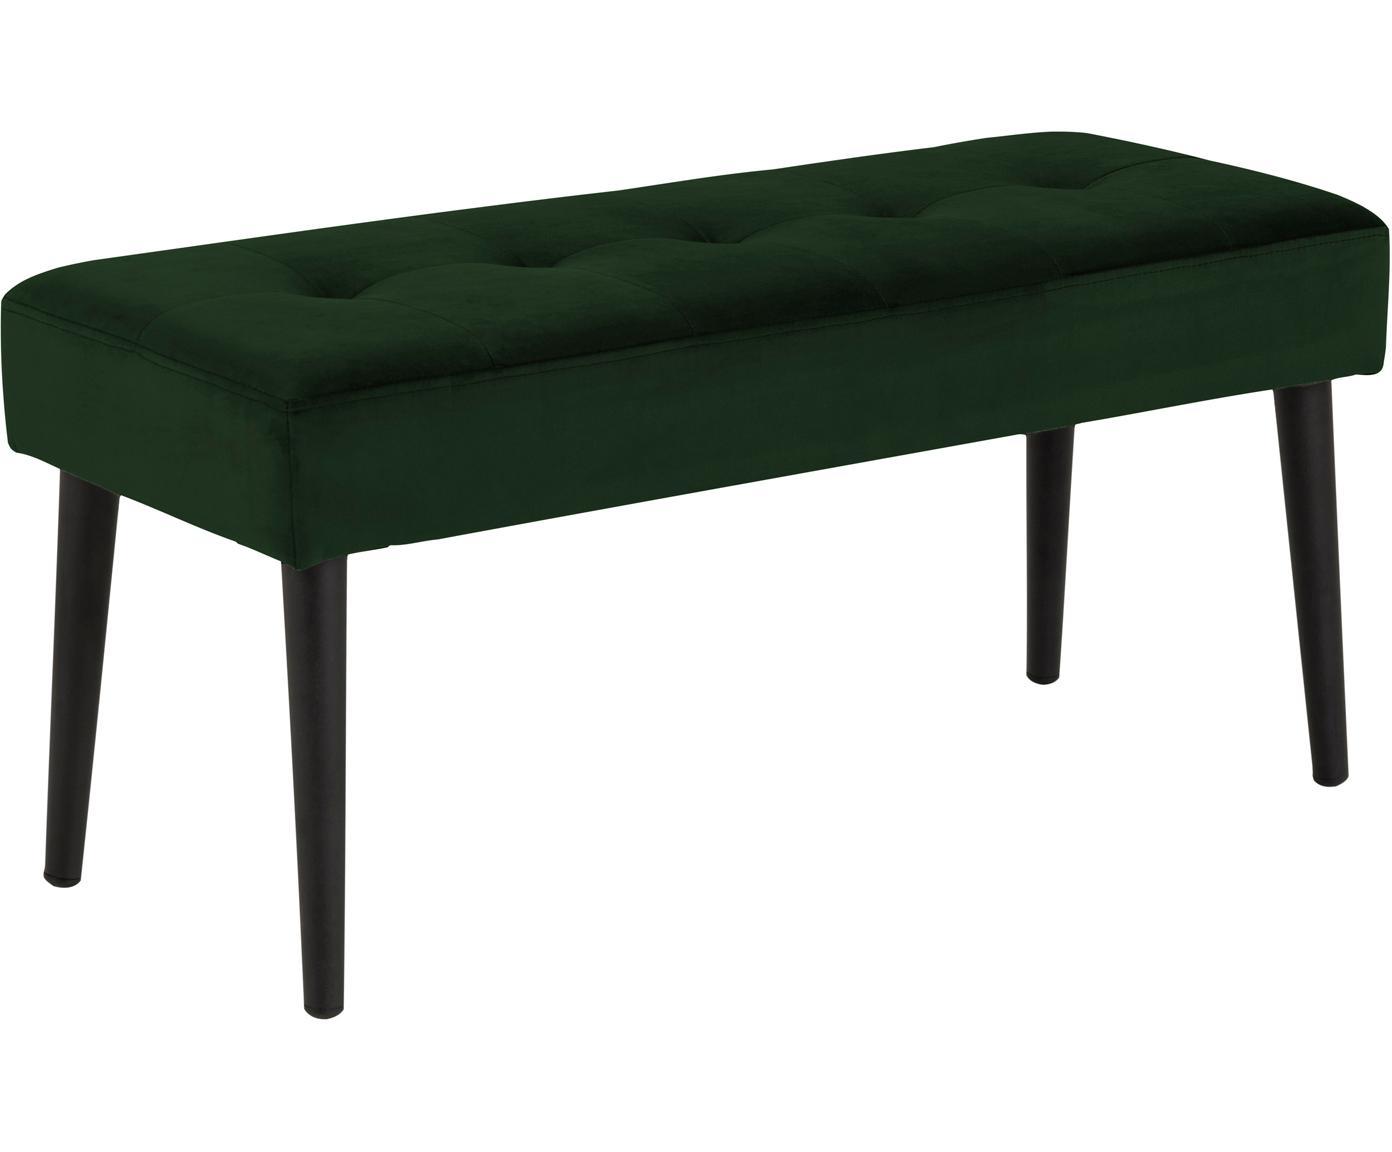 Ławka z aksamitu Glory, Tapicerka: aksamit poliestrowy 2500, Nogi: metal mosi, Stelaż: metal malowany proszkowo, Ciemny zielony, S 95 x W 45 cm